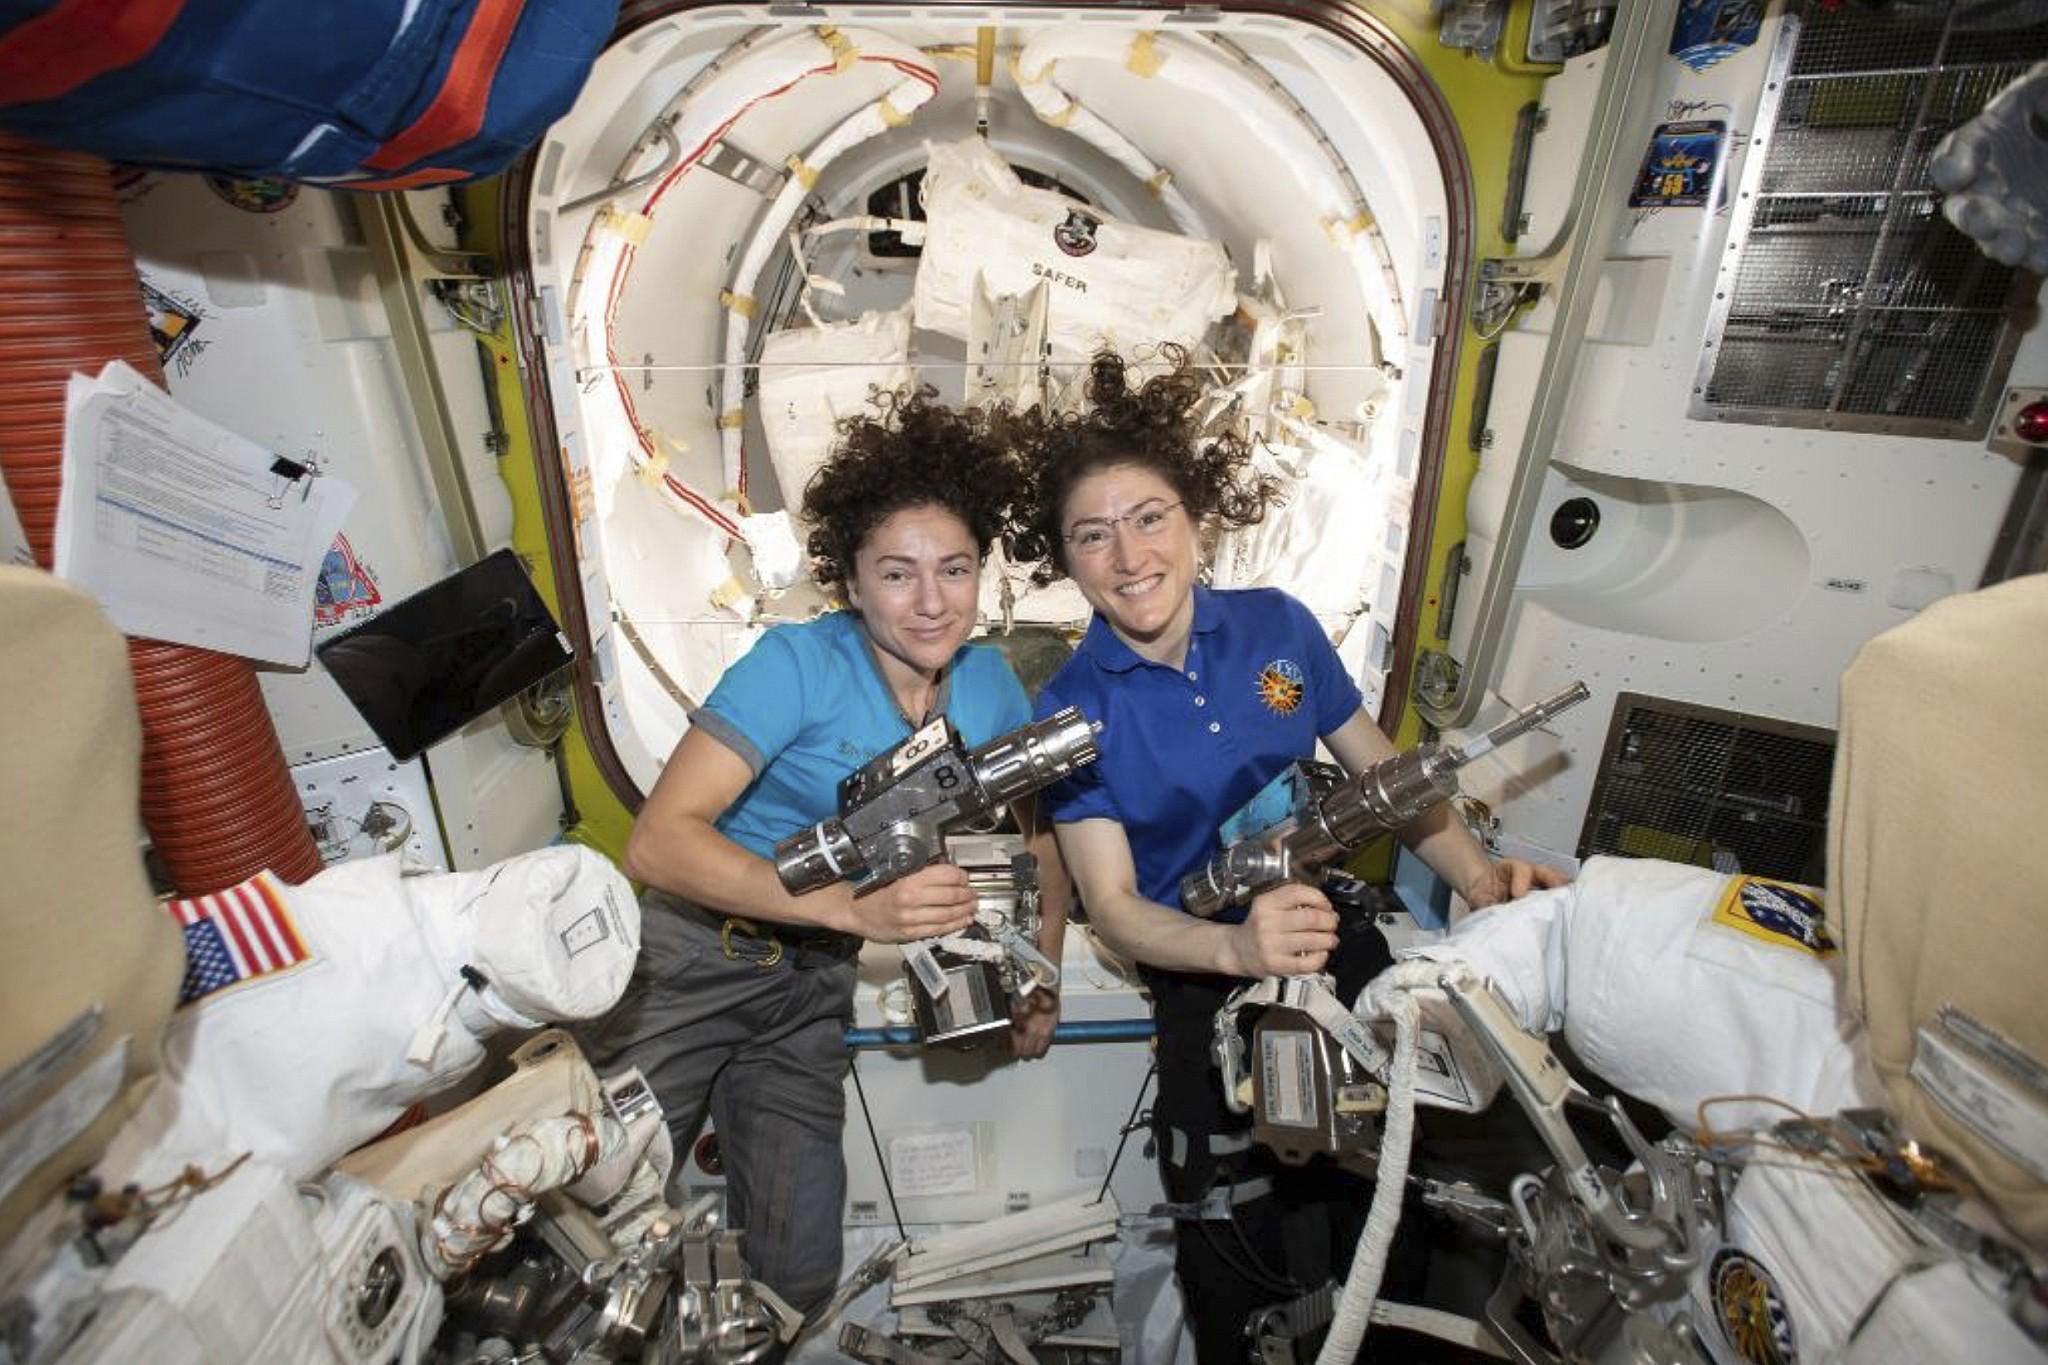 Première sortie spatiale de deux femmes, dont Jessica Meir, félicitées par Trump